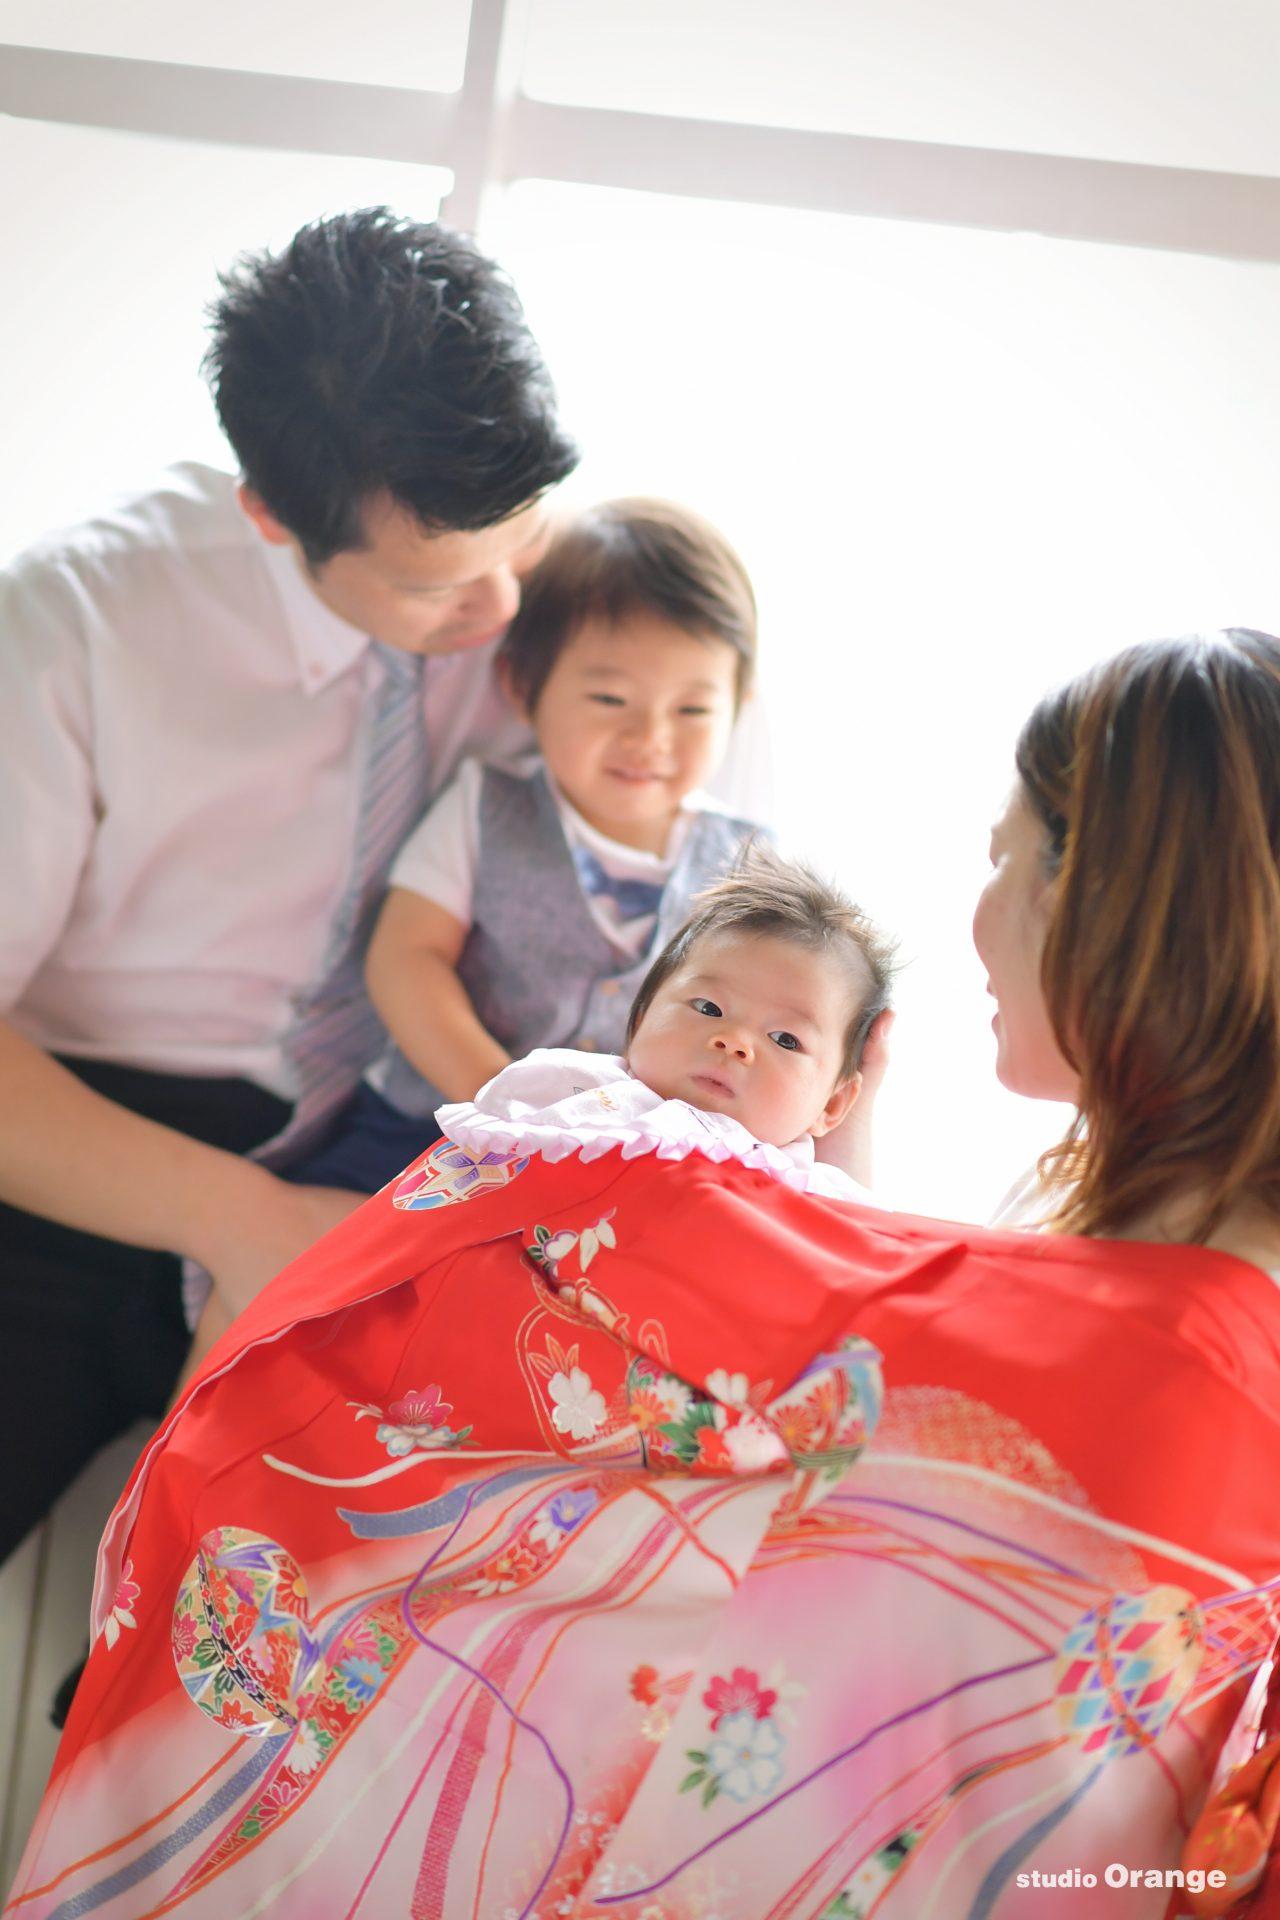 お宮参り 初宮参り 家族写真 ファミリーフォト 2ヶ月女の子